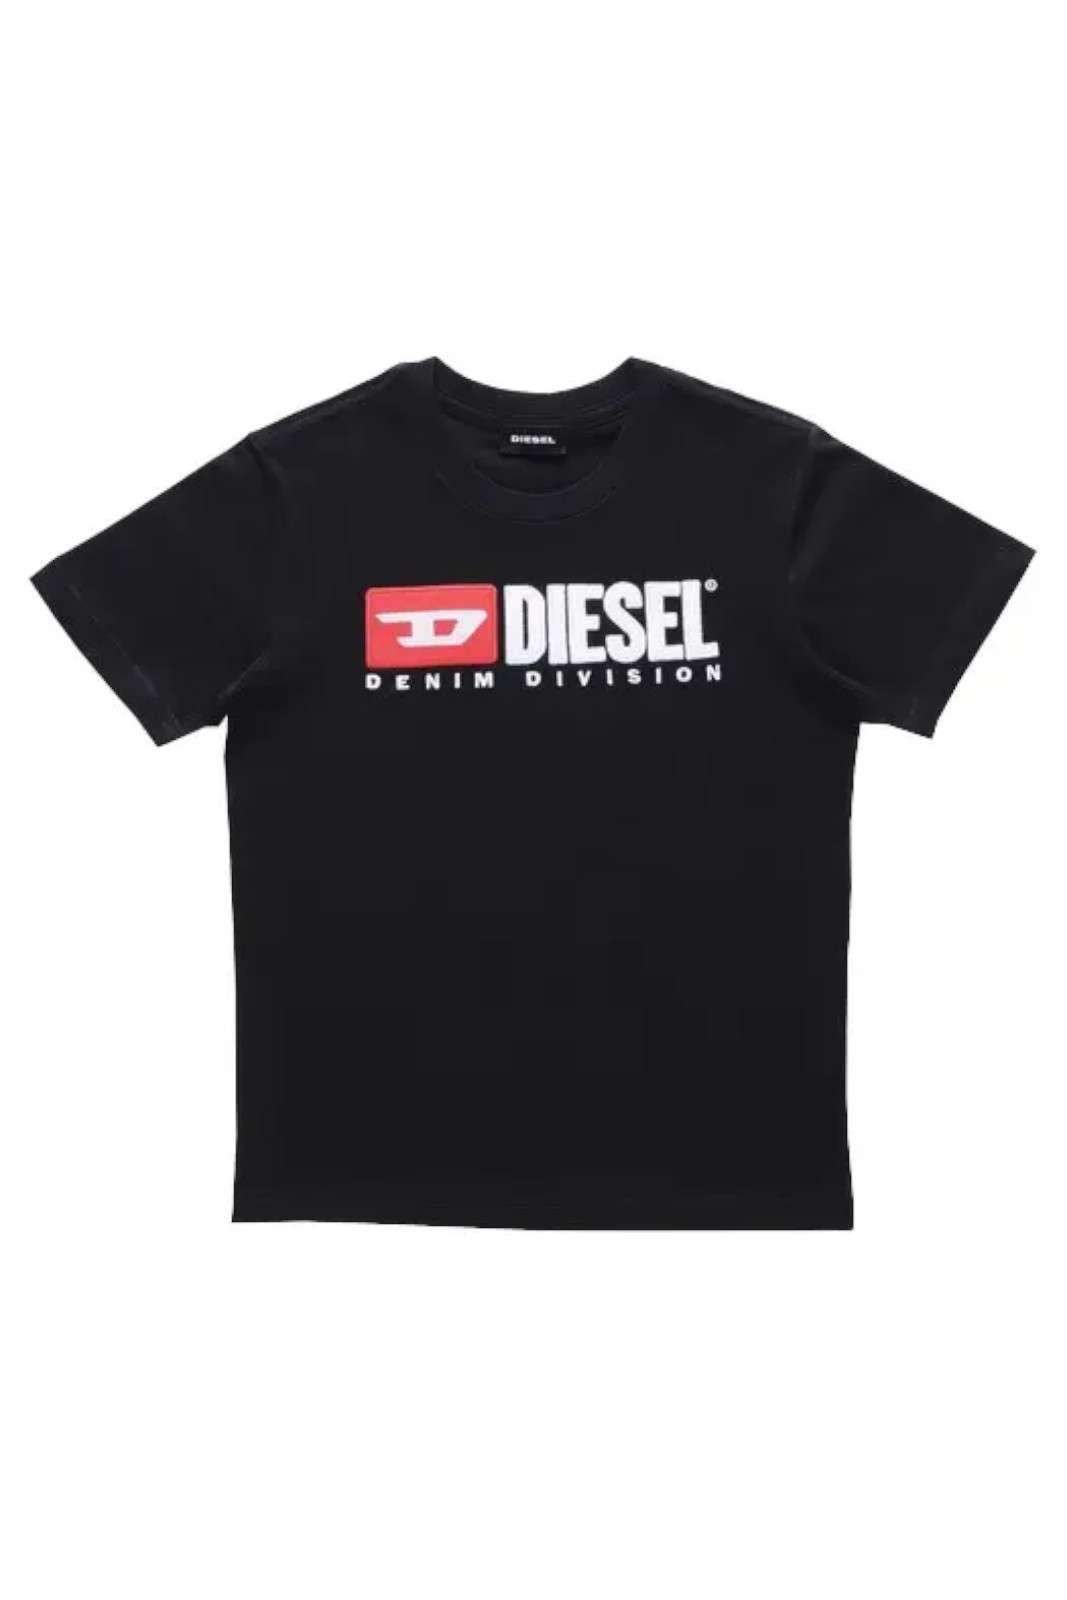 La versione da bambini della famosa t-shirt firmata Diesel ormai icona per qualsiasi outfit. T-shirt che si diversifica dalle altre grazie al logo di spugna sul petto, Da indossare per le occasioni di tutti giorni per la comodità del tuo bambino